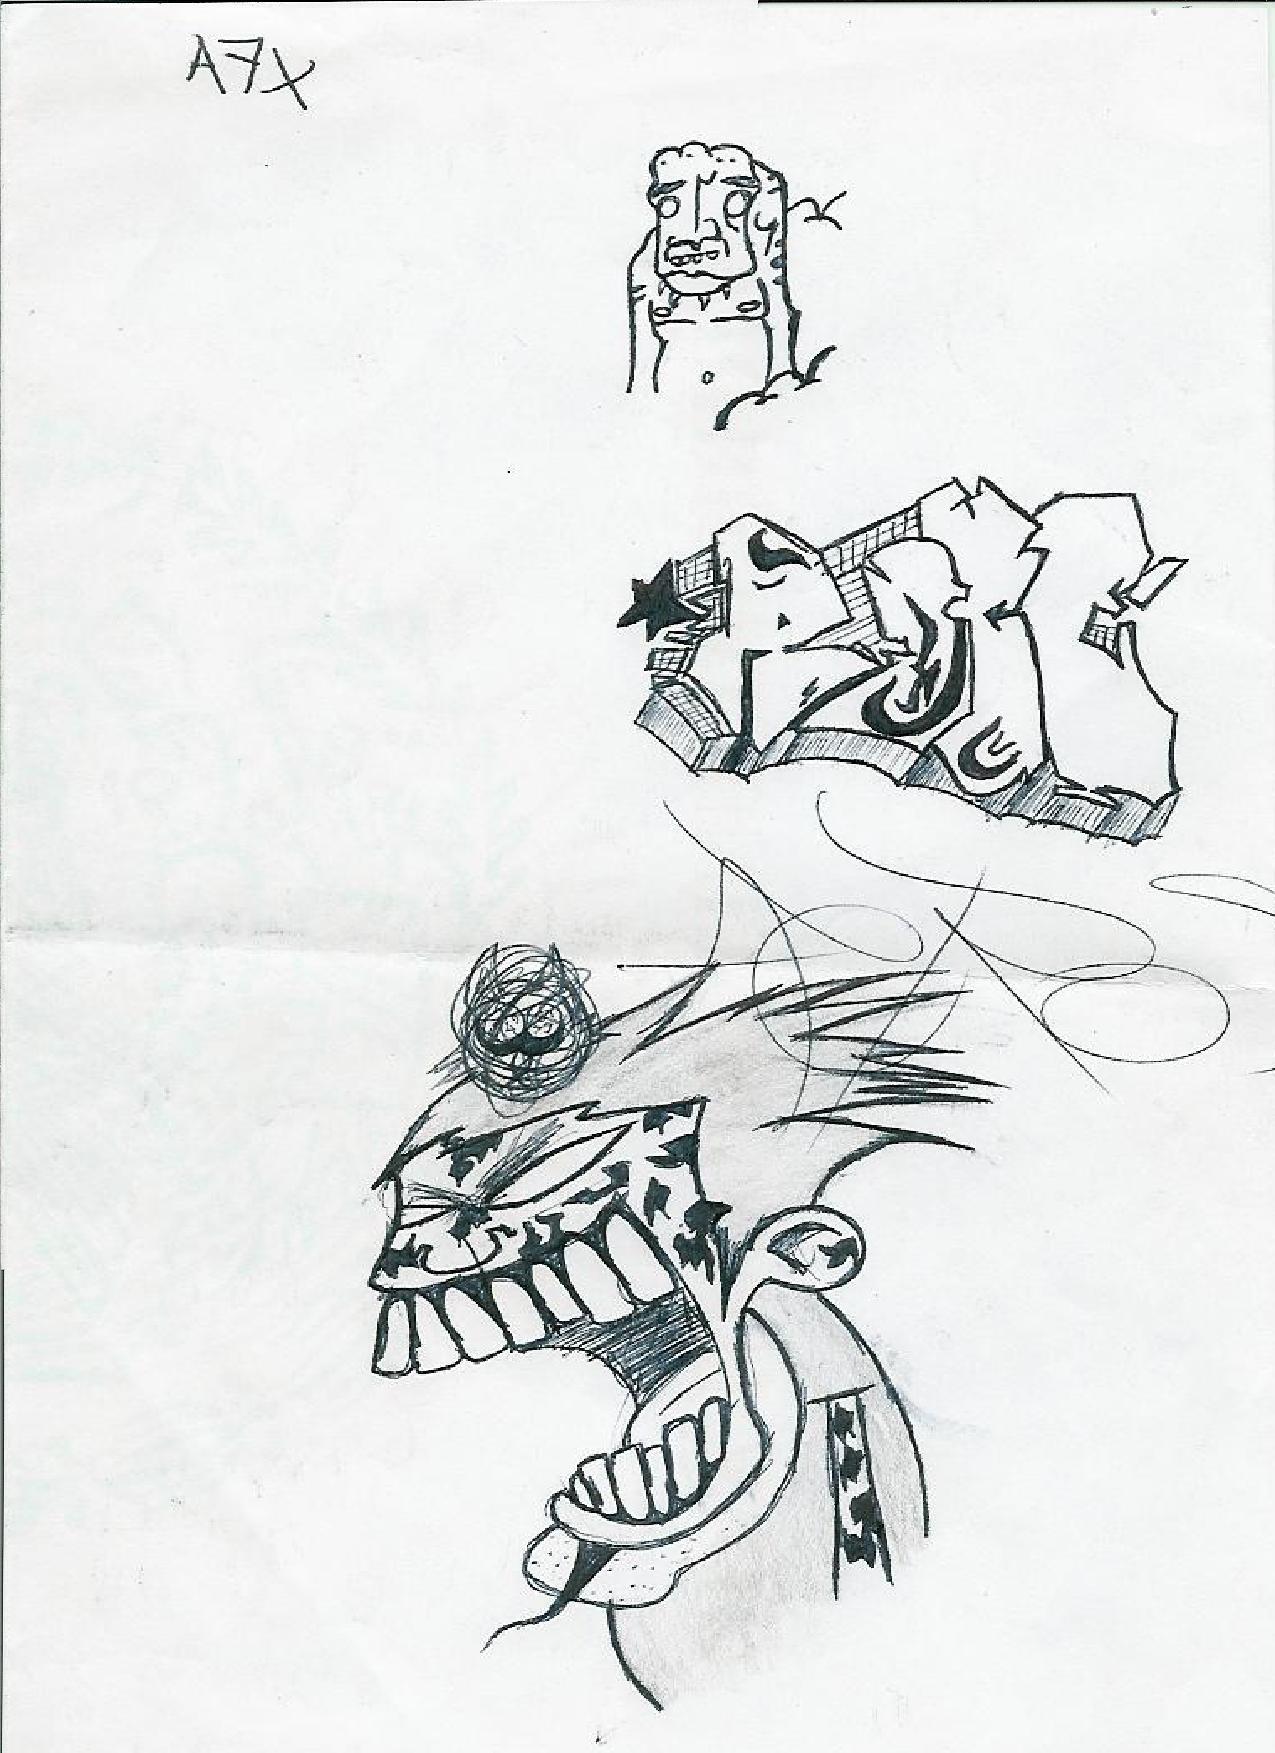 Sasuke Uchiha graffiti version